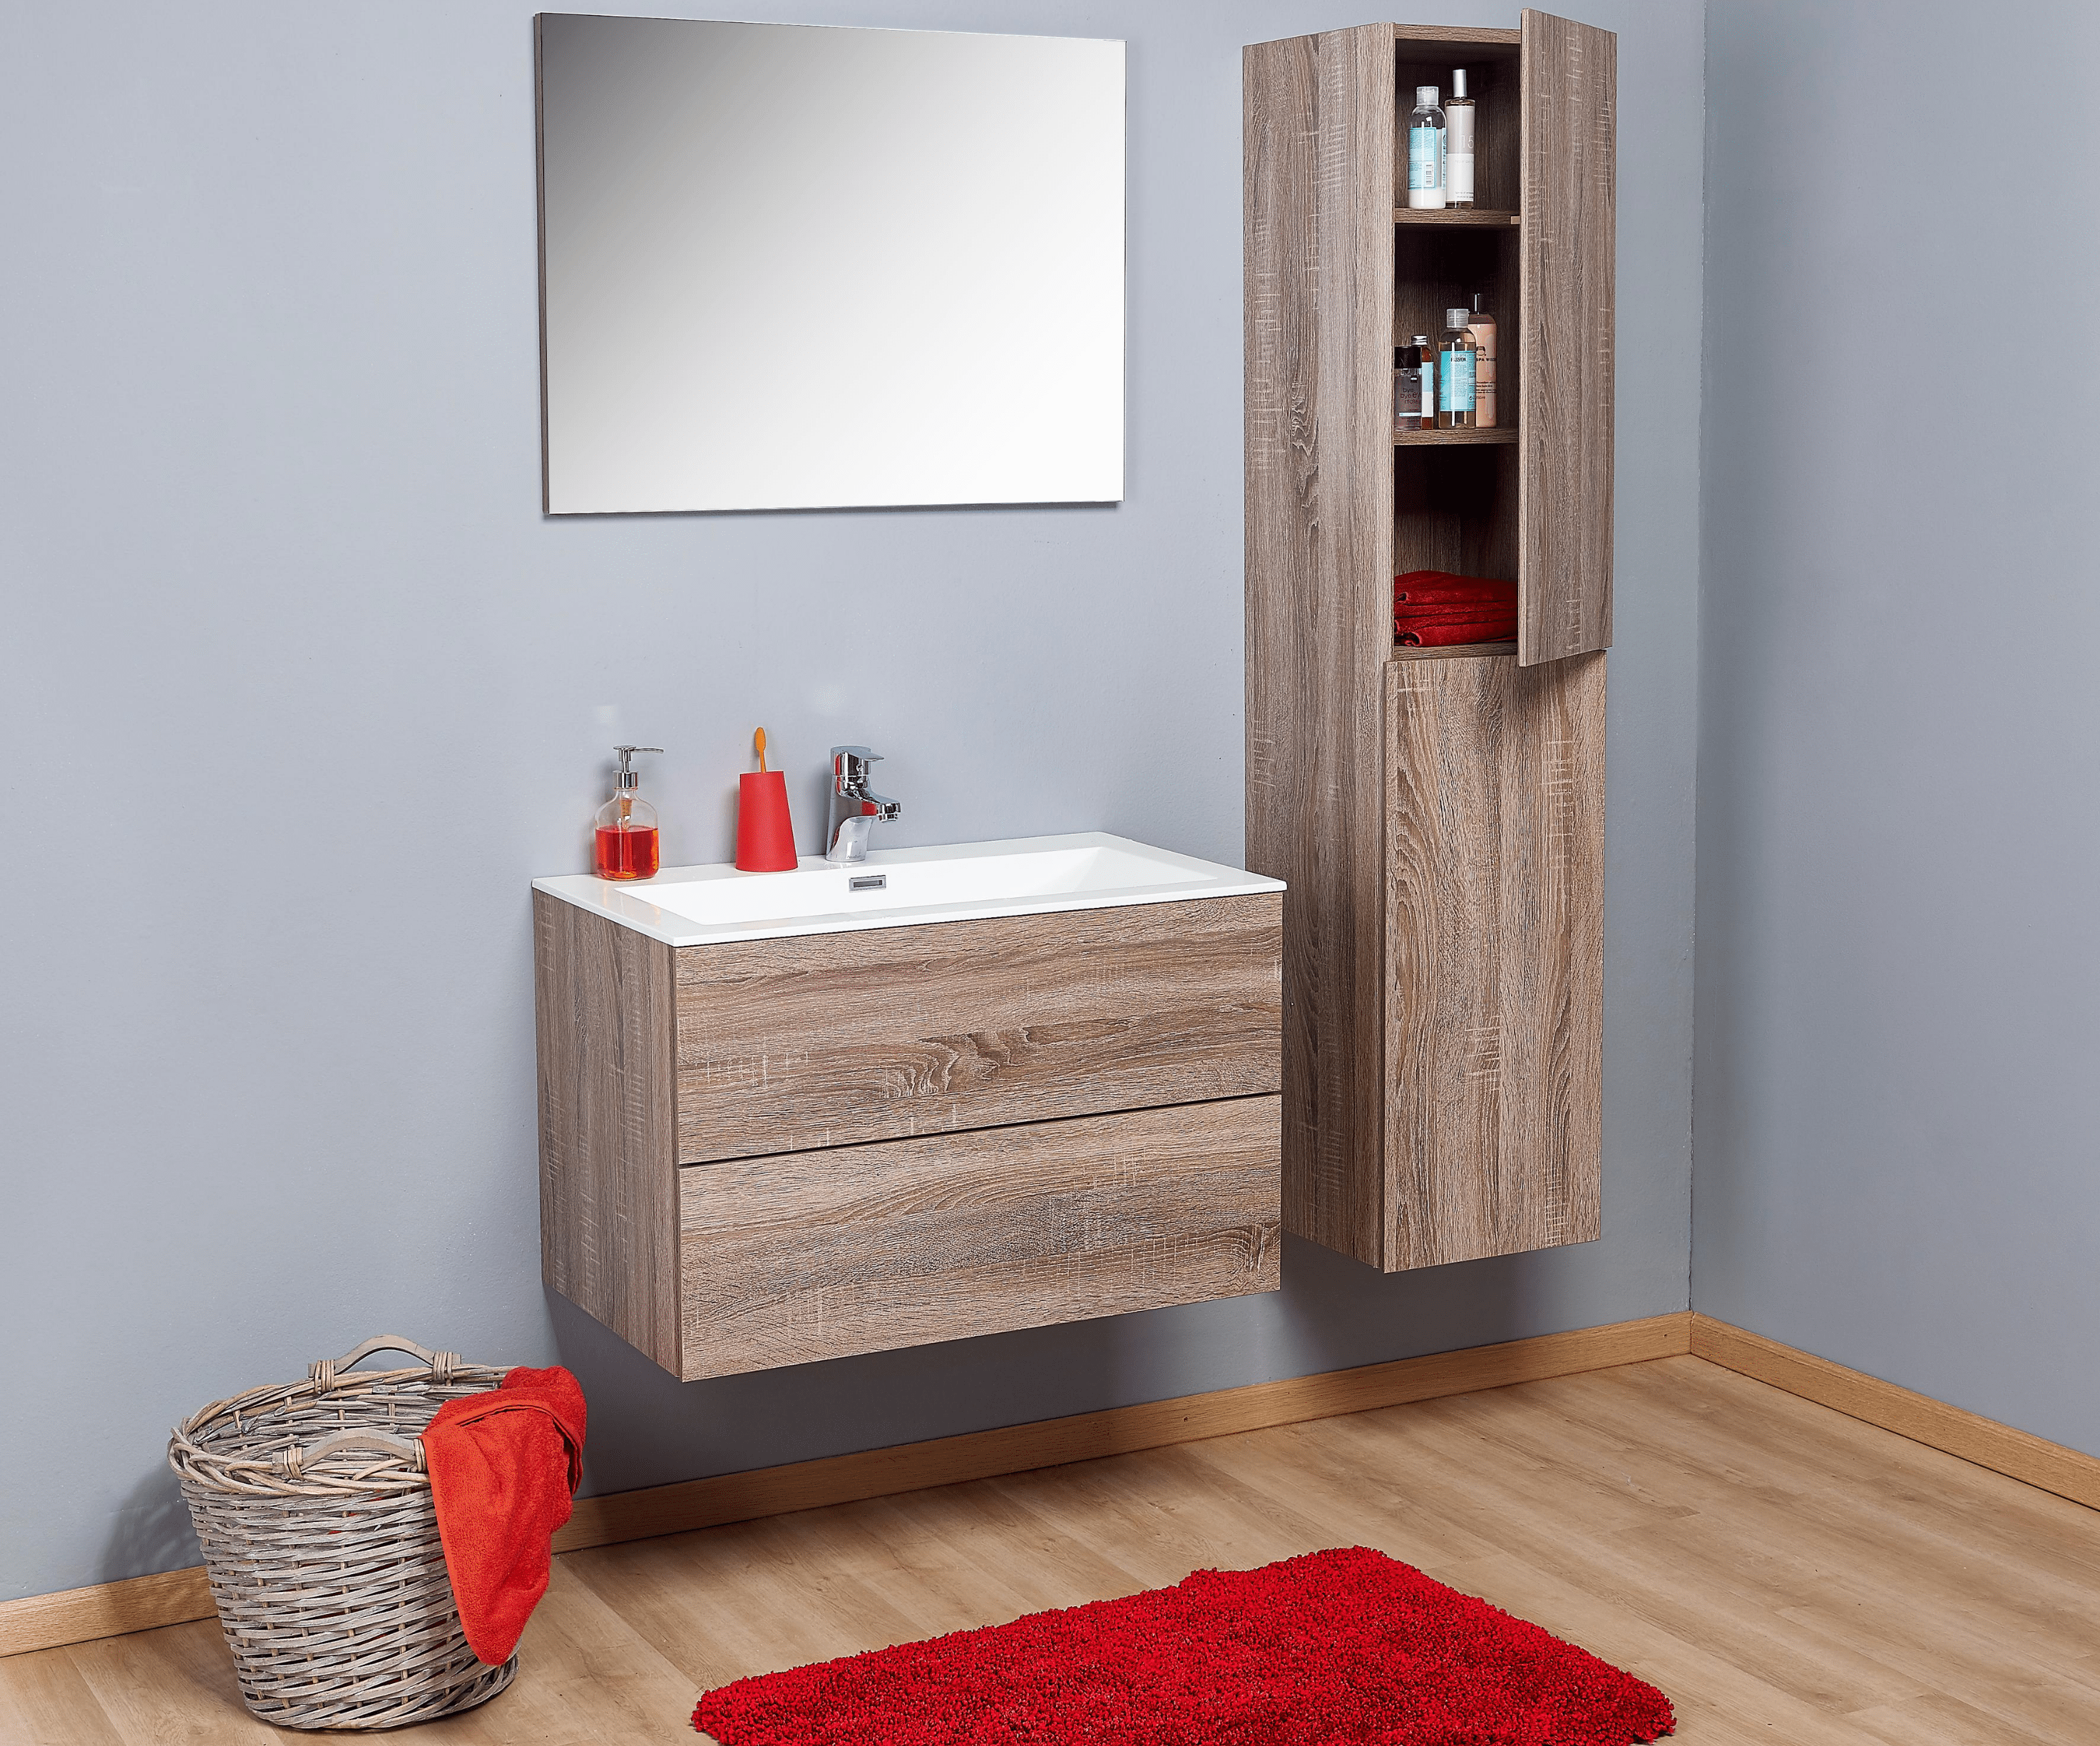 Meubles de salle de bains Savena